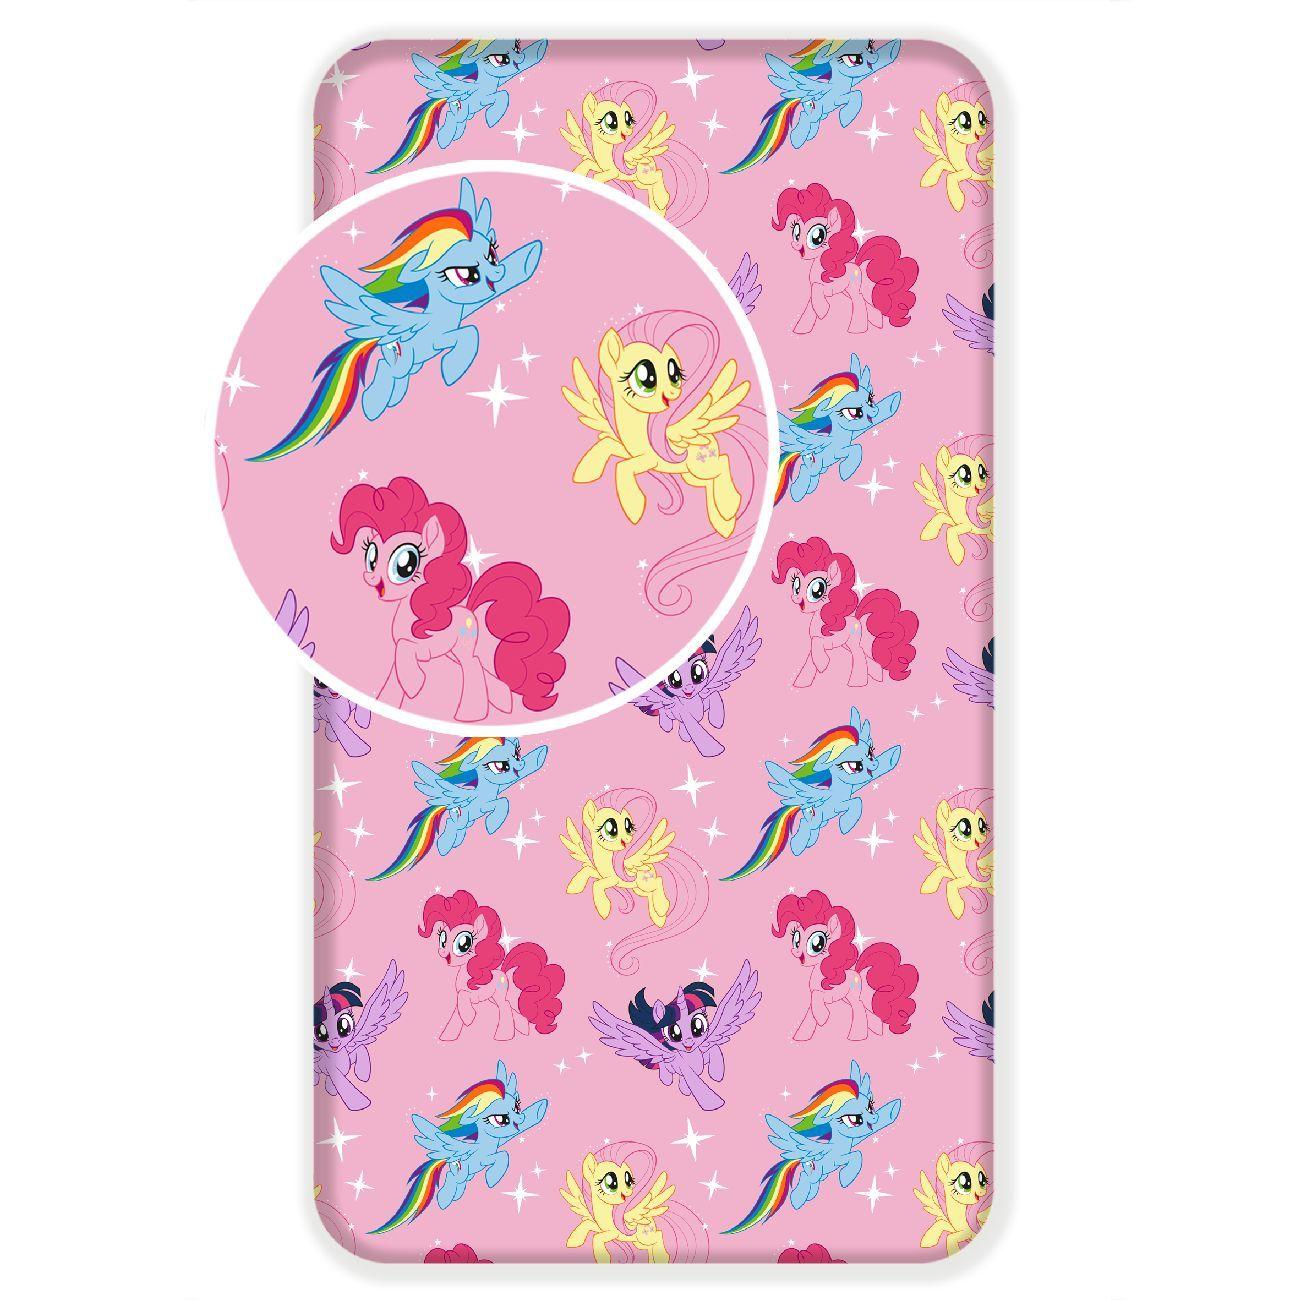 Dětské prostěradlo růžové My Little Pony Jerry Fabrics